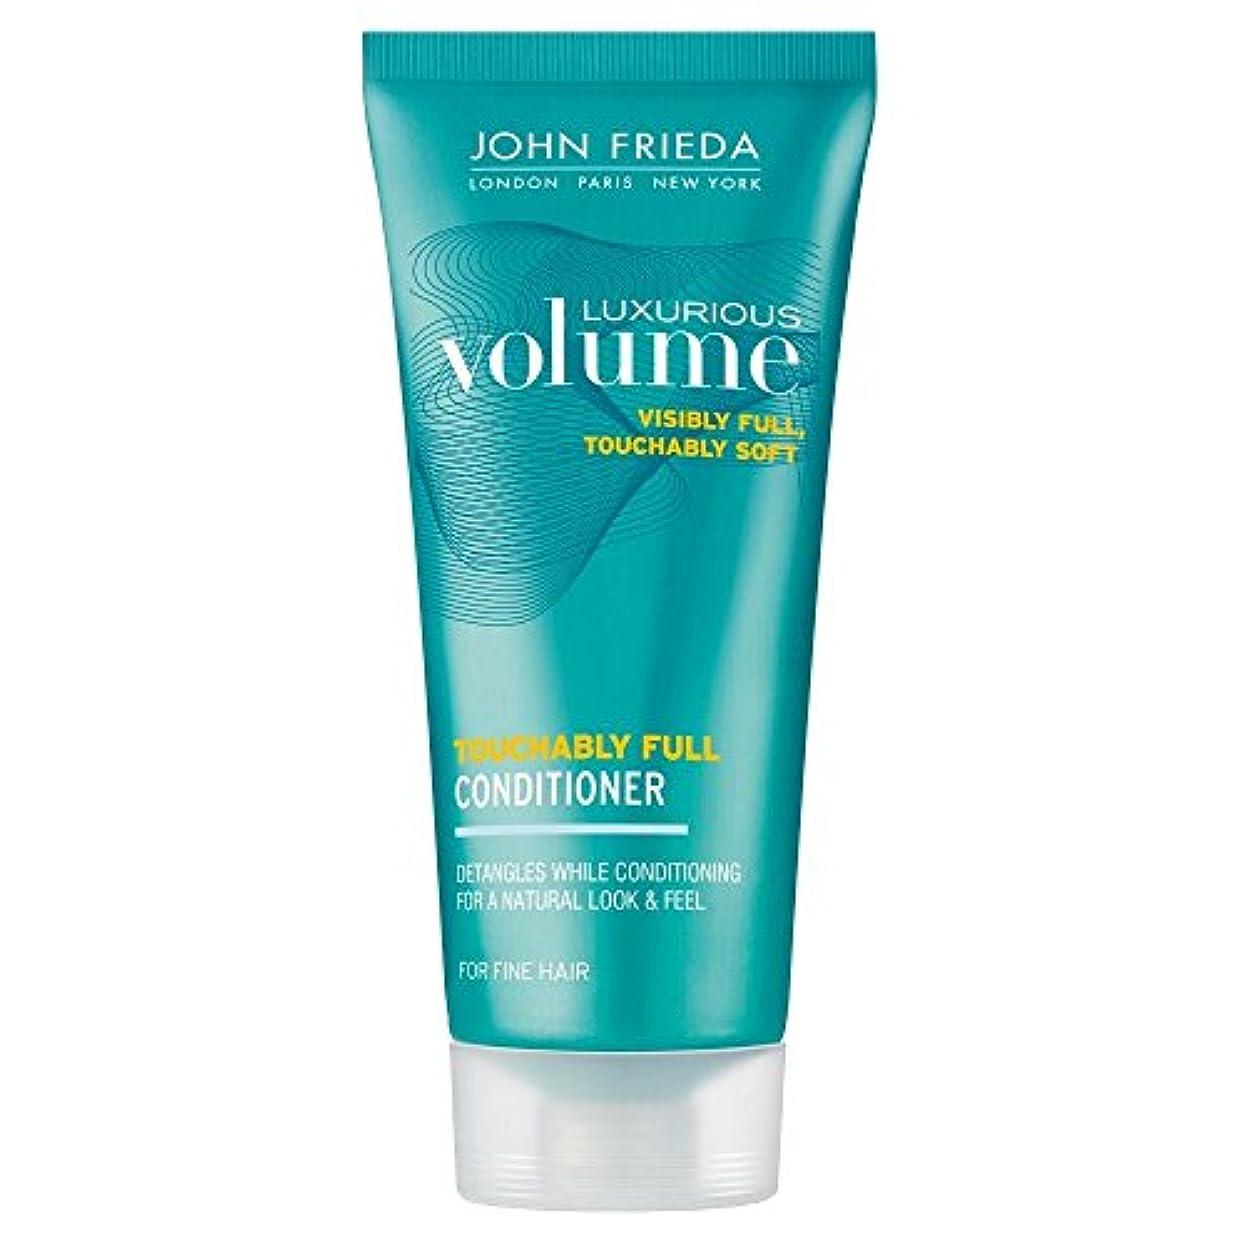 イソギンチャクなくなる厳密にJohn Frieda Luxurious Volume Thickening Conditioner (50ml) ジョン?フリーダ豪華なボリューム増粘コンディショナー( 50ミリリットル) [並行輸入品]